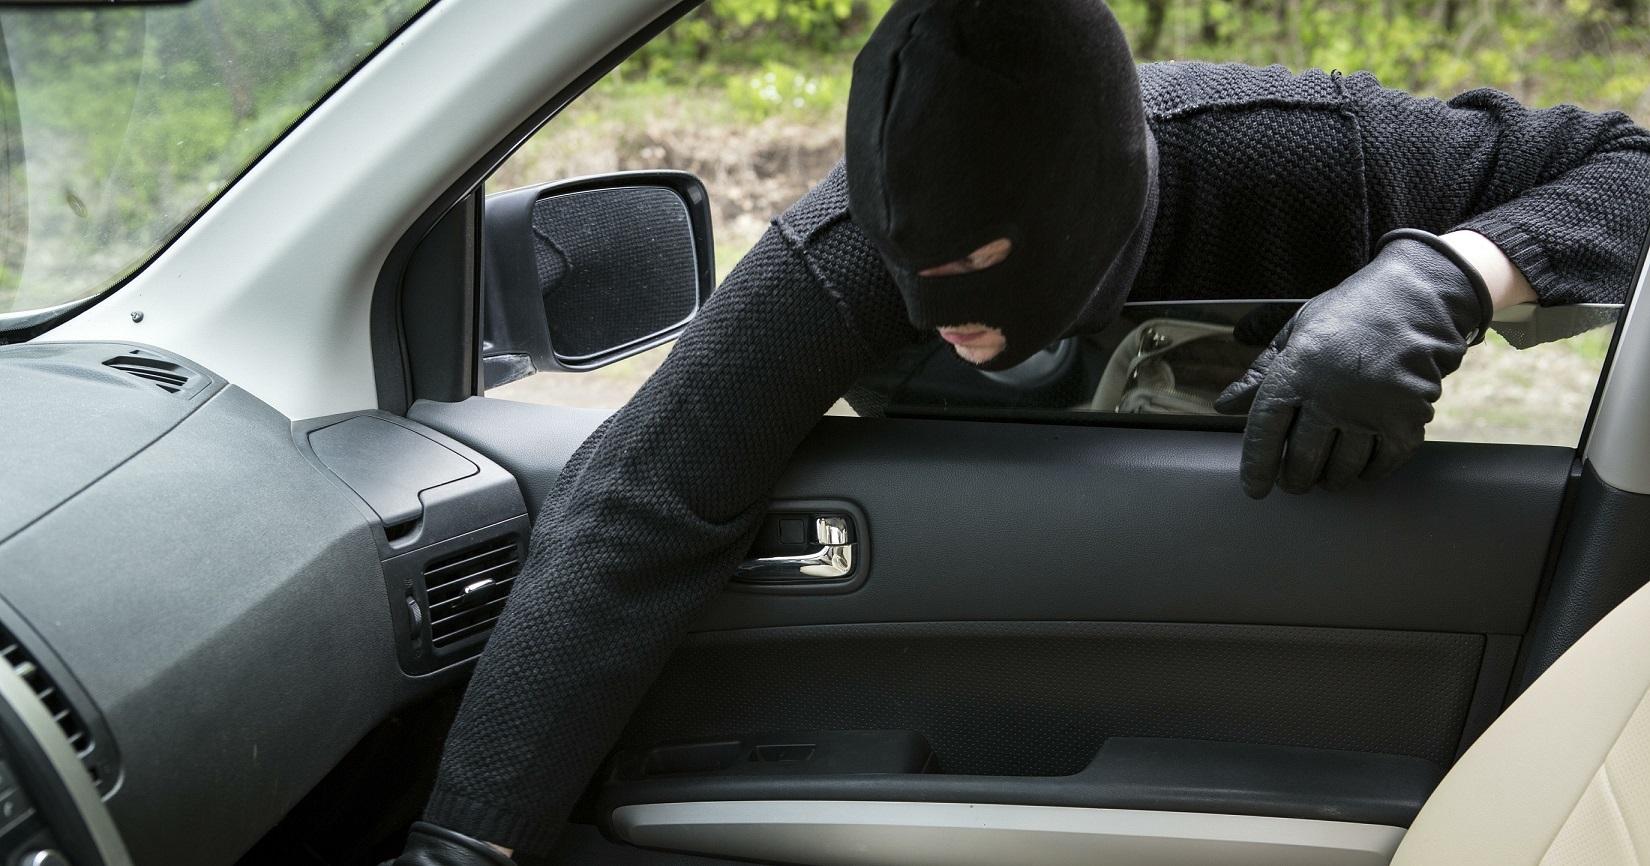 ВДзержинском районе Волгограда задержали серийного похитителя видеорегистраторов